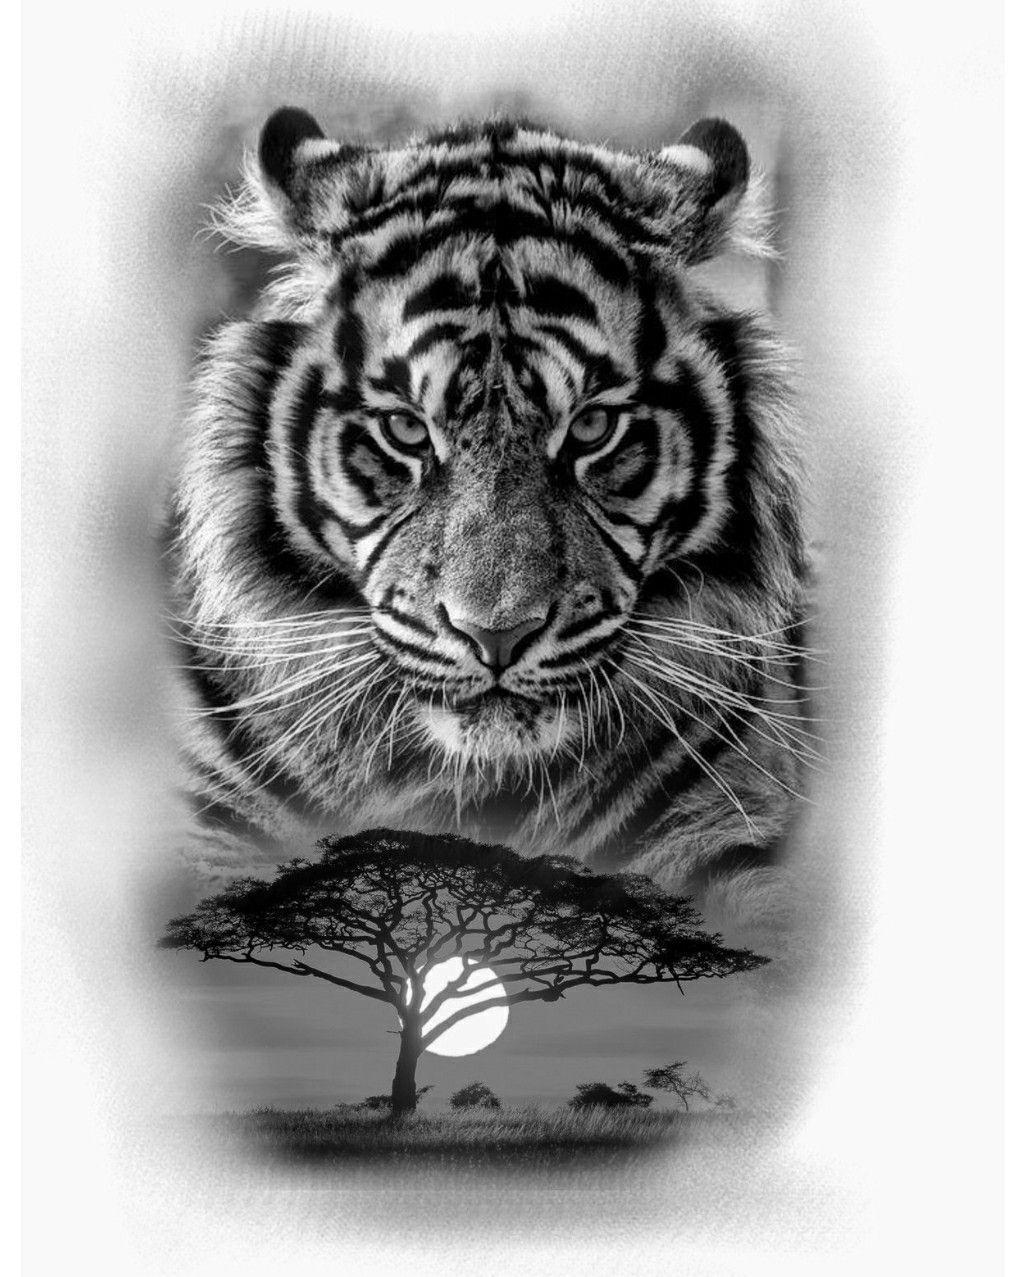 Realistic Tiger Half Sleeve Best Tattoo Design Ideas We Use Cookies On Tattoo Ideas To Ensure That We G Tiger Tattoo Design Cat Tattoo Designs Animal Tattoos